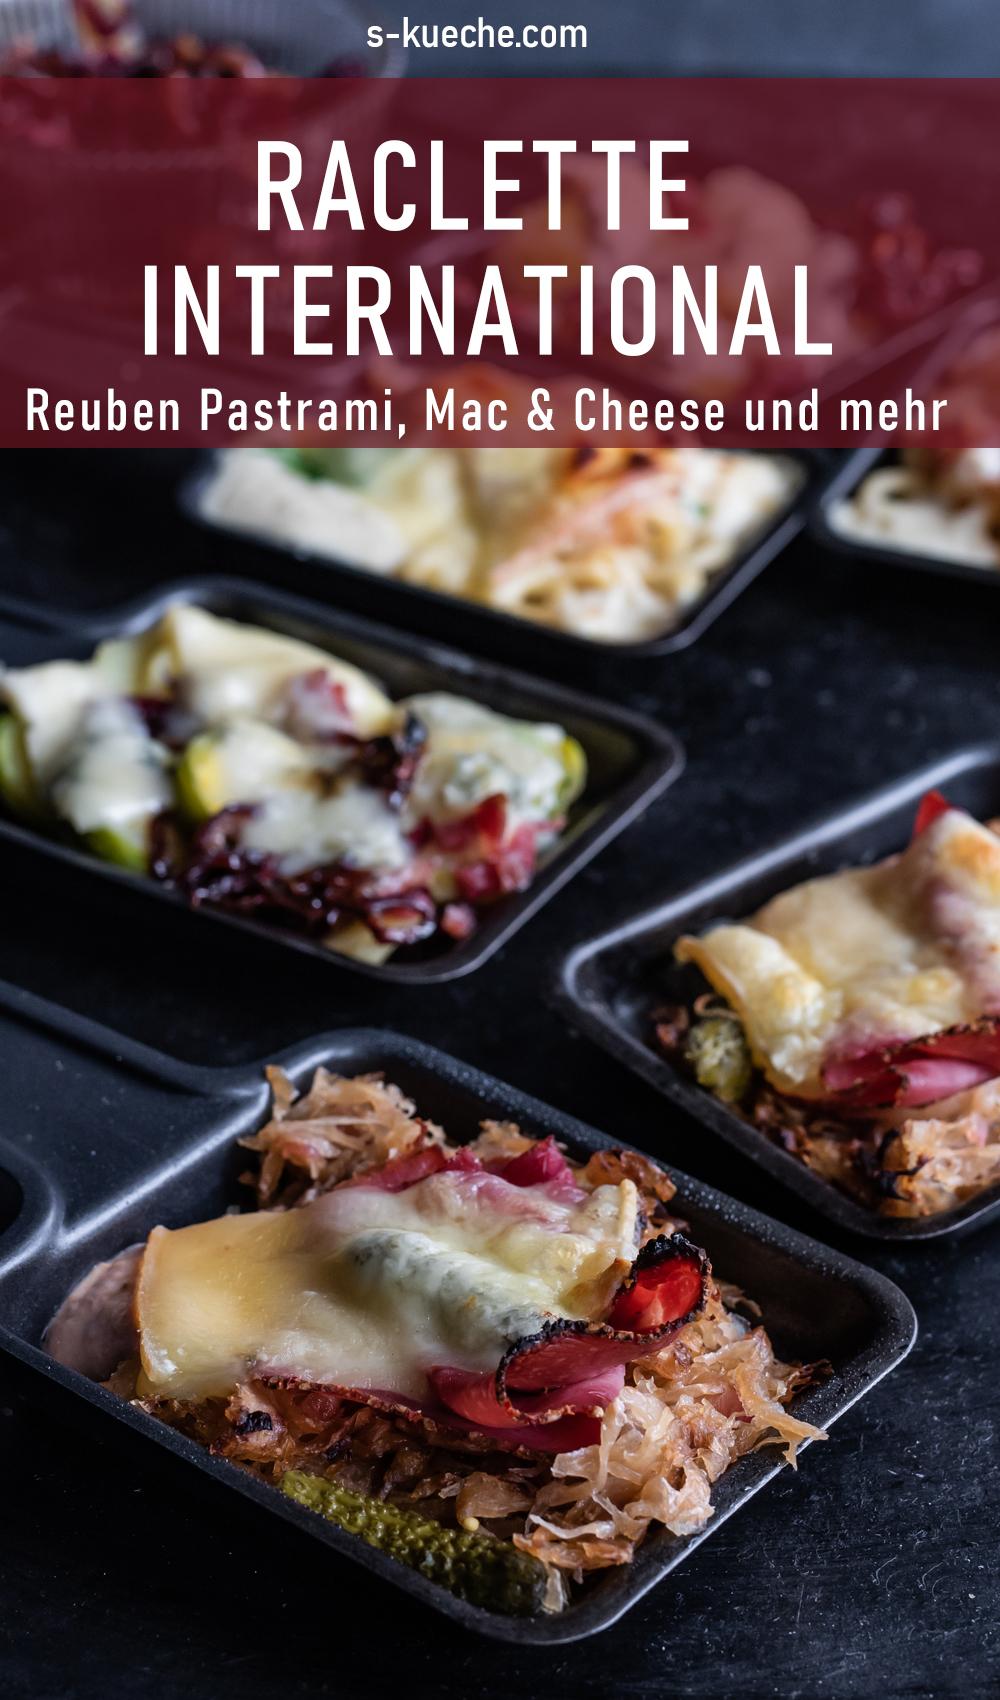 Raclette International - Pastrami Reuben, Mac & Cheese und weitere